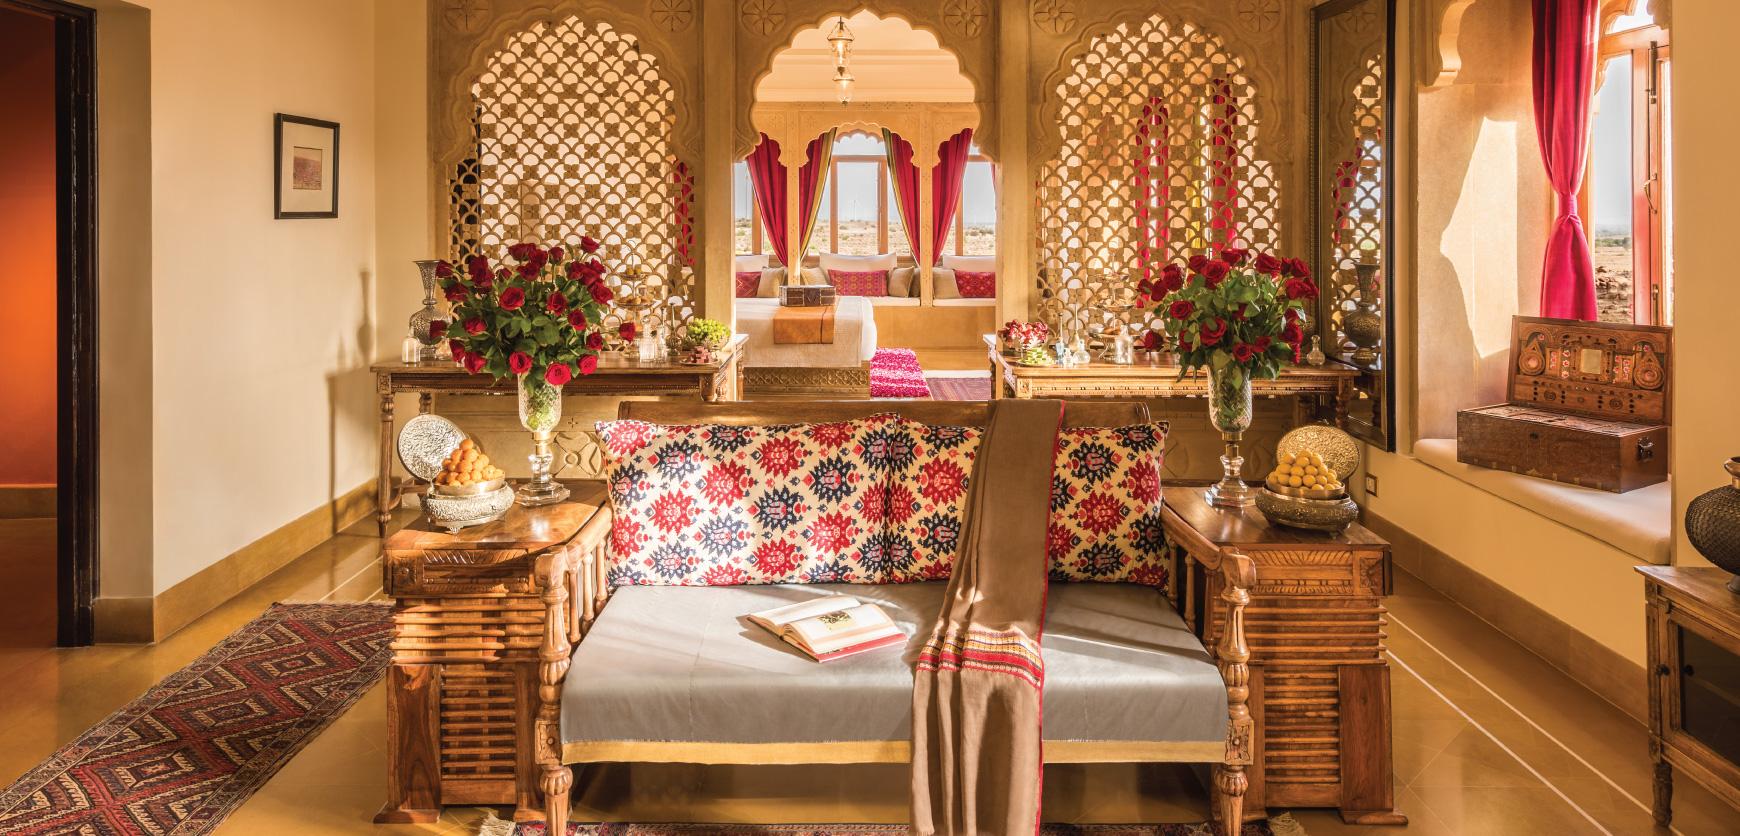 Suryagarh Jaisalmer, voyage, vacance rajasthan, inde voyage, voyage sur mesure inde, agence de voyage francophone inde